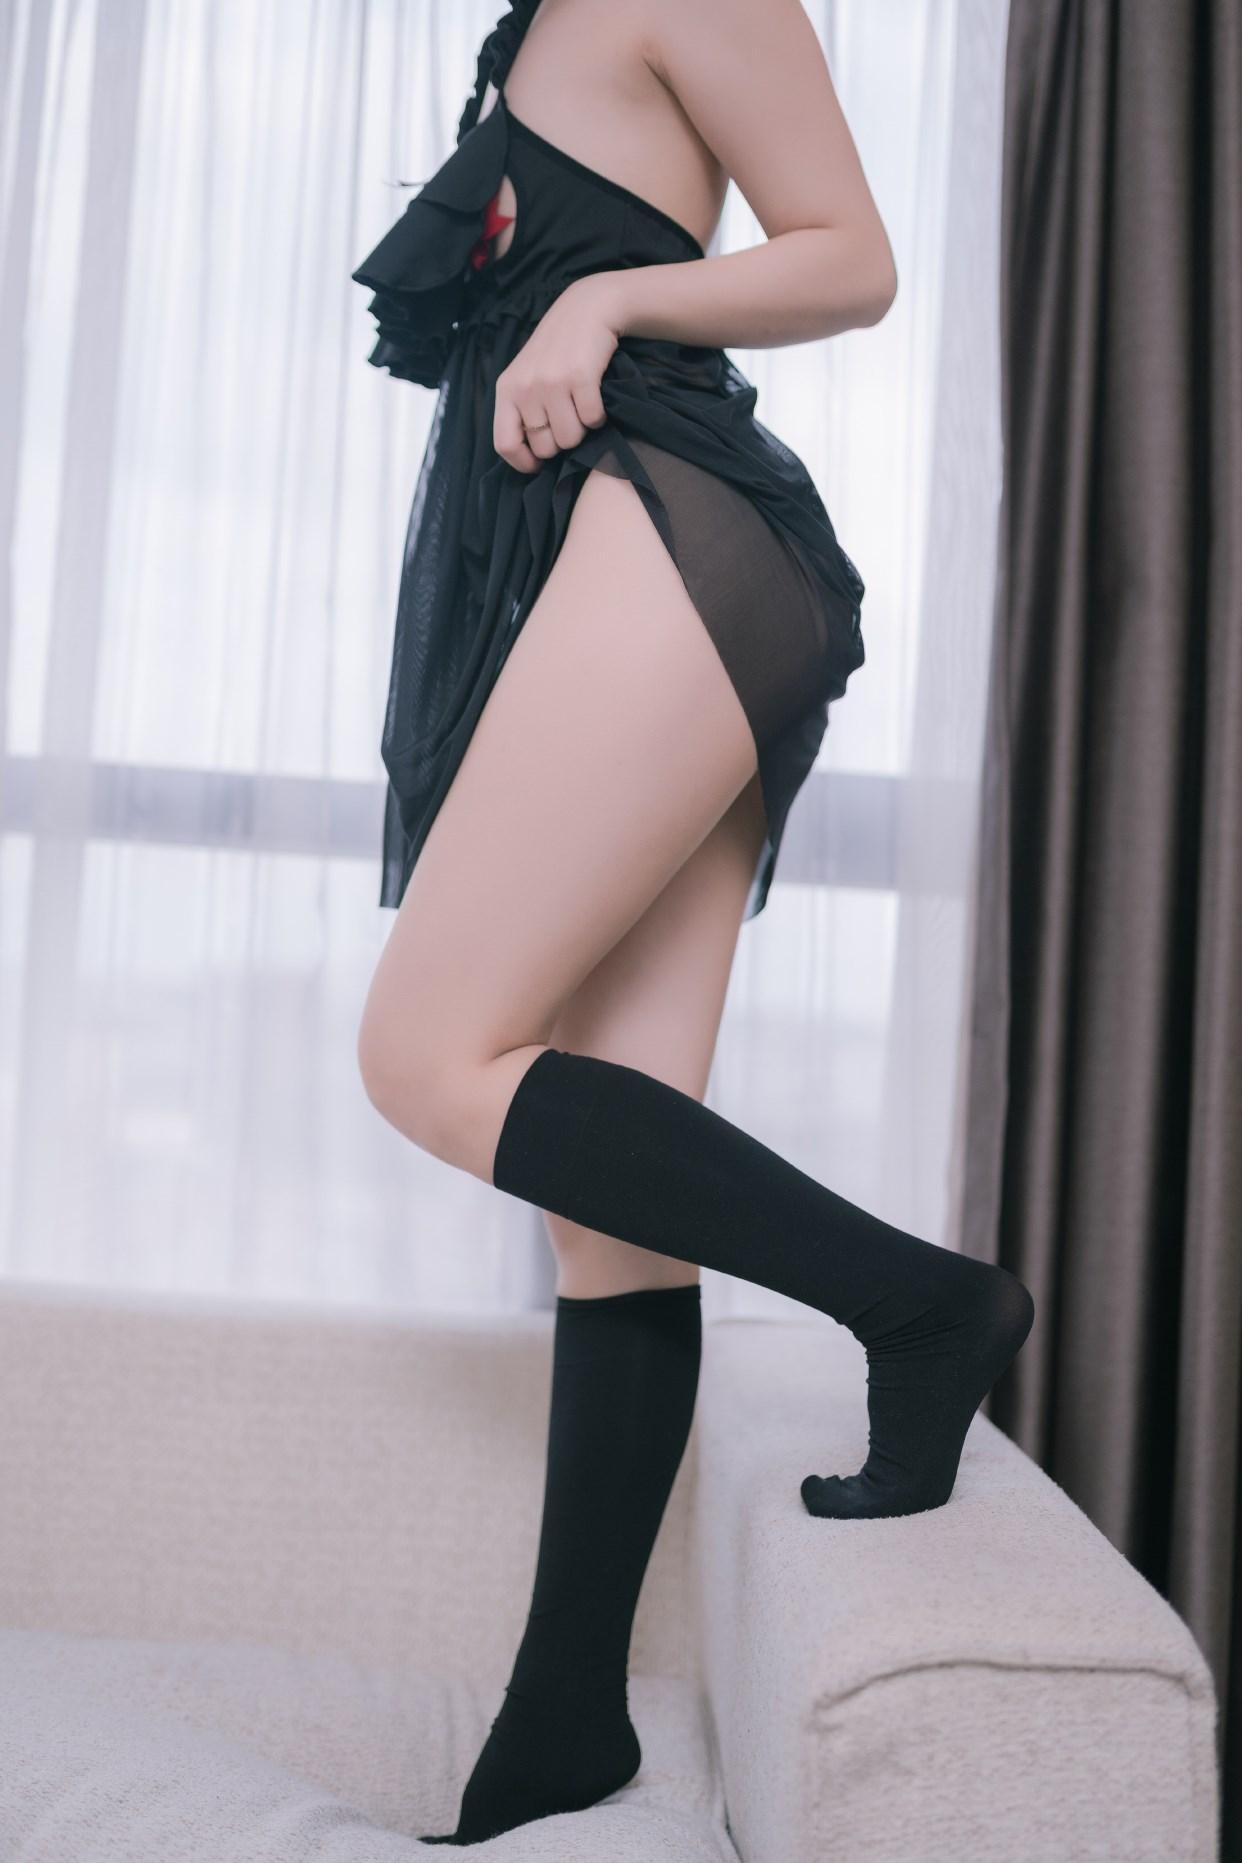 【兔玩映画】性感小睡衣 兔玩映画 第23张